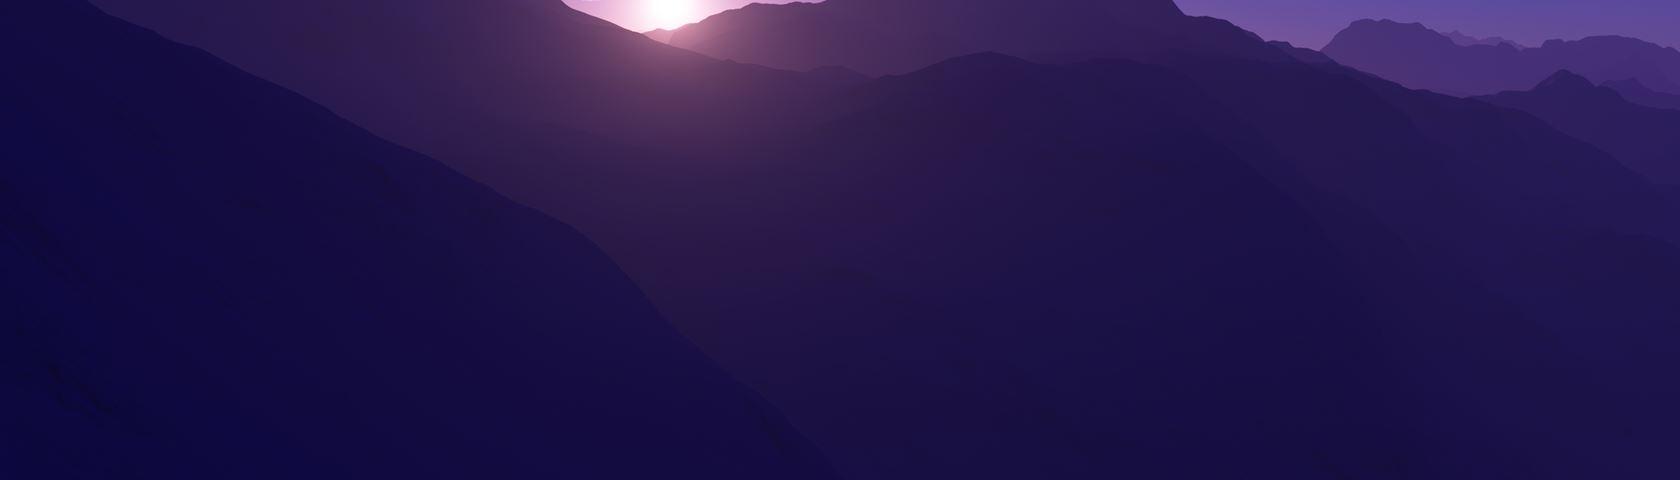 Illustrian Mountains